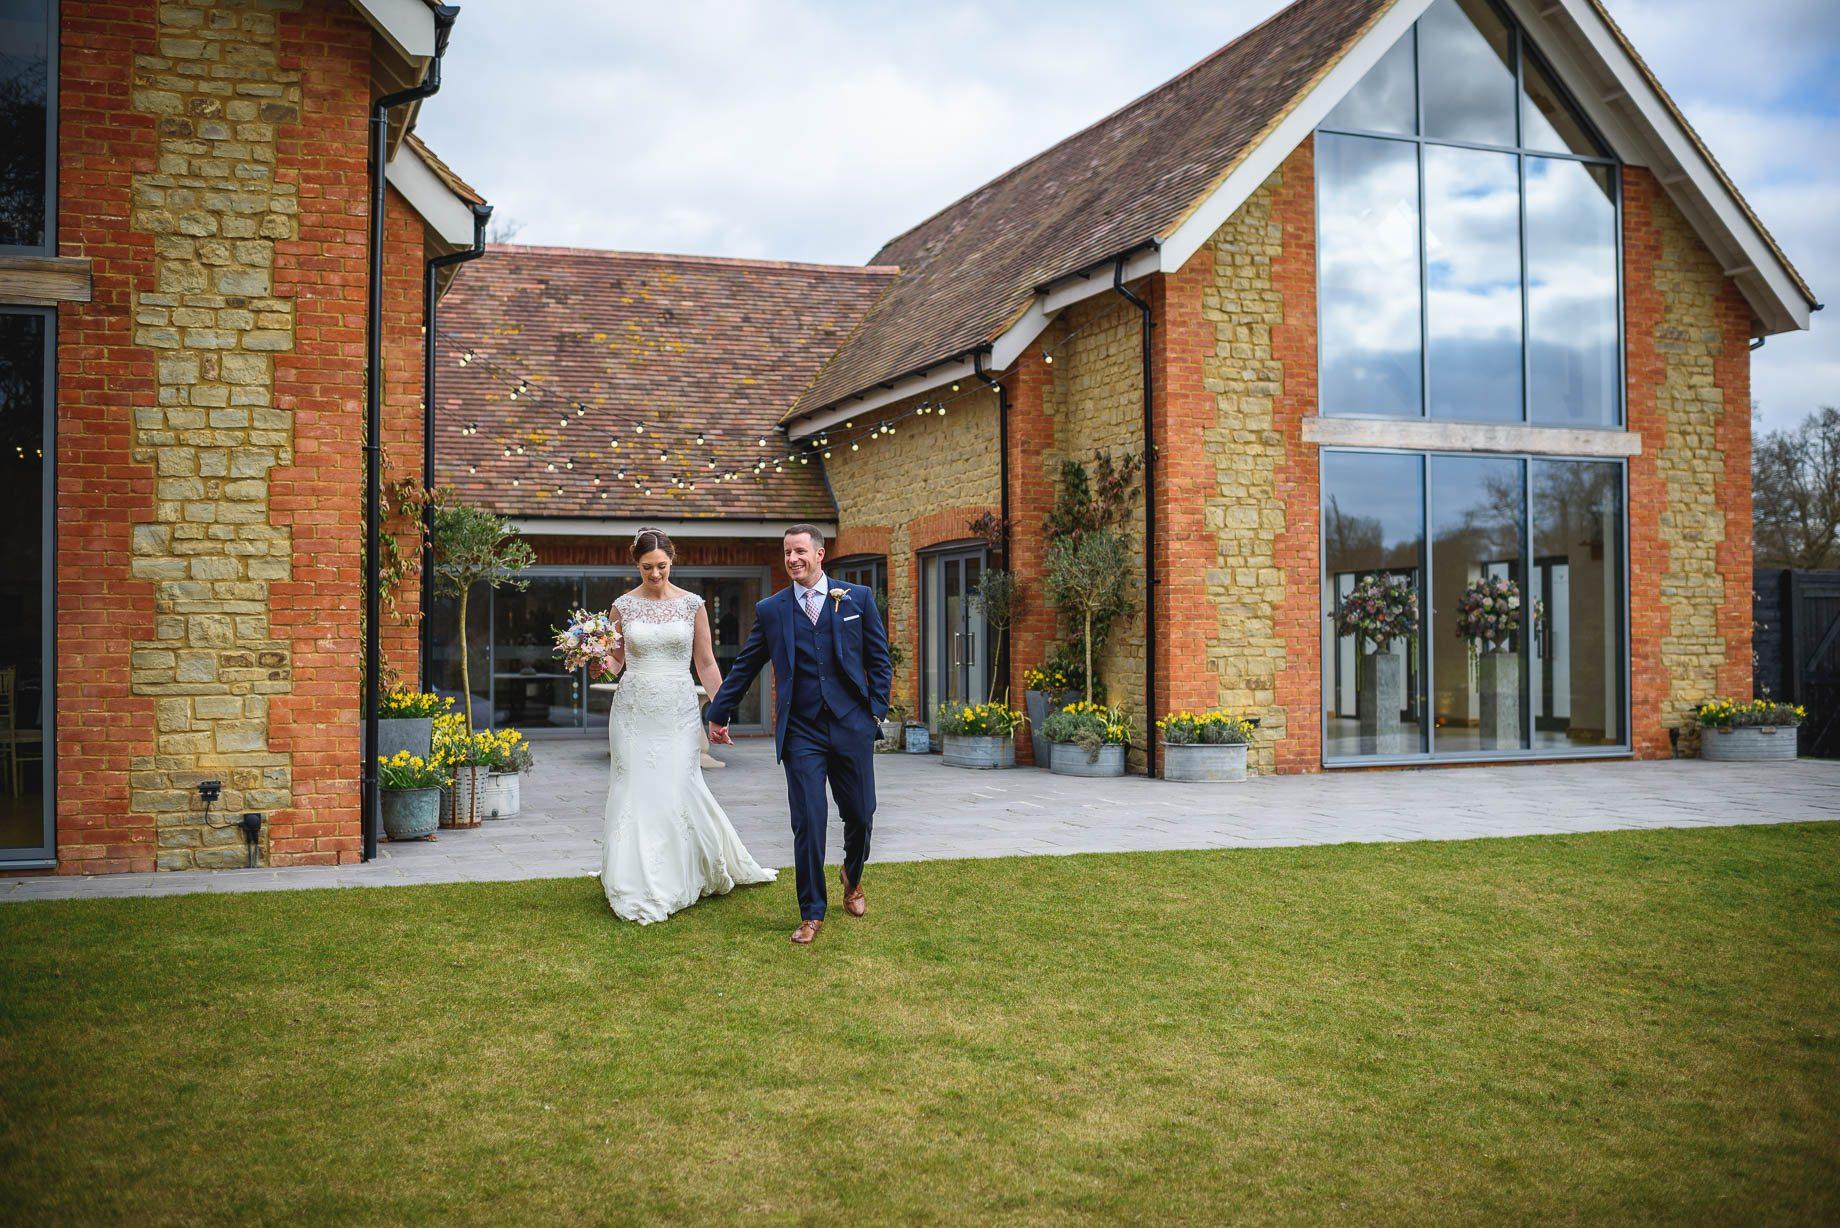 Millbridge Court Wedding Photography - Lisa and Daniel (85 of 173)